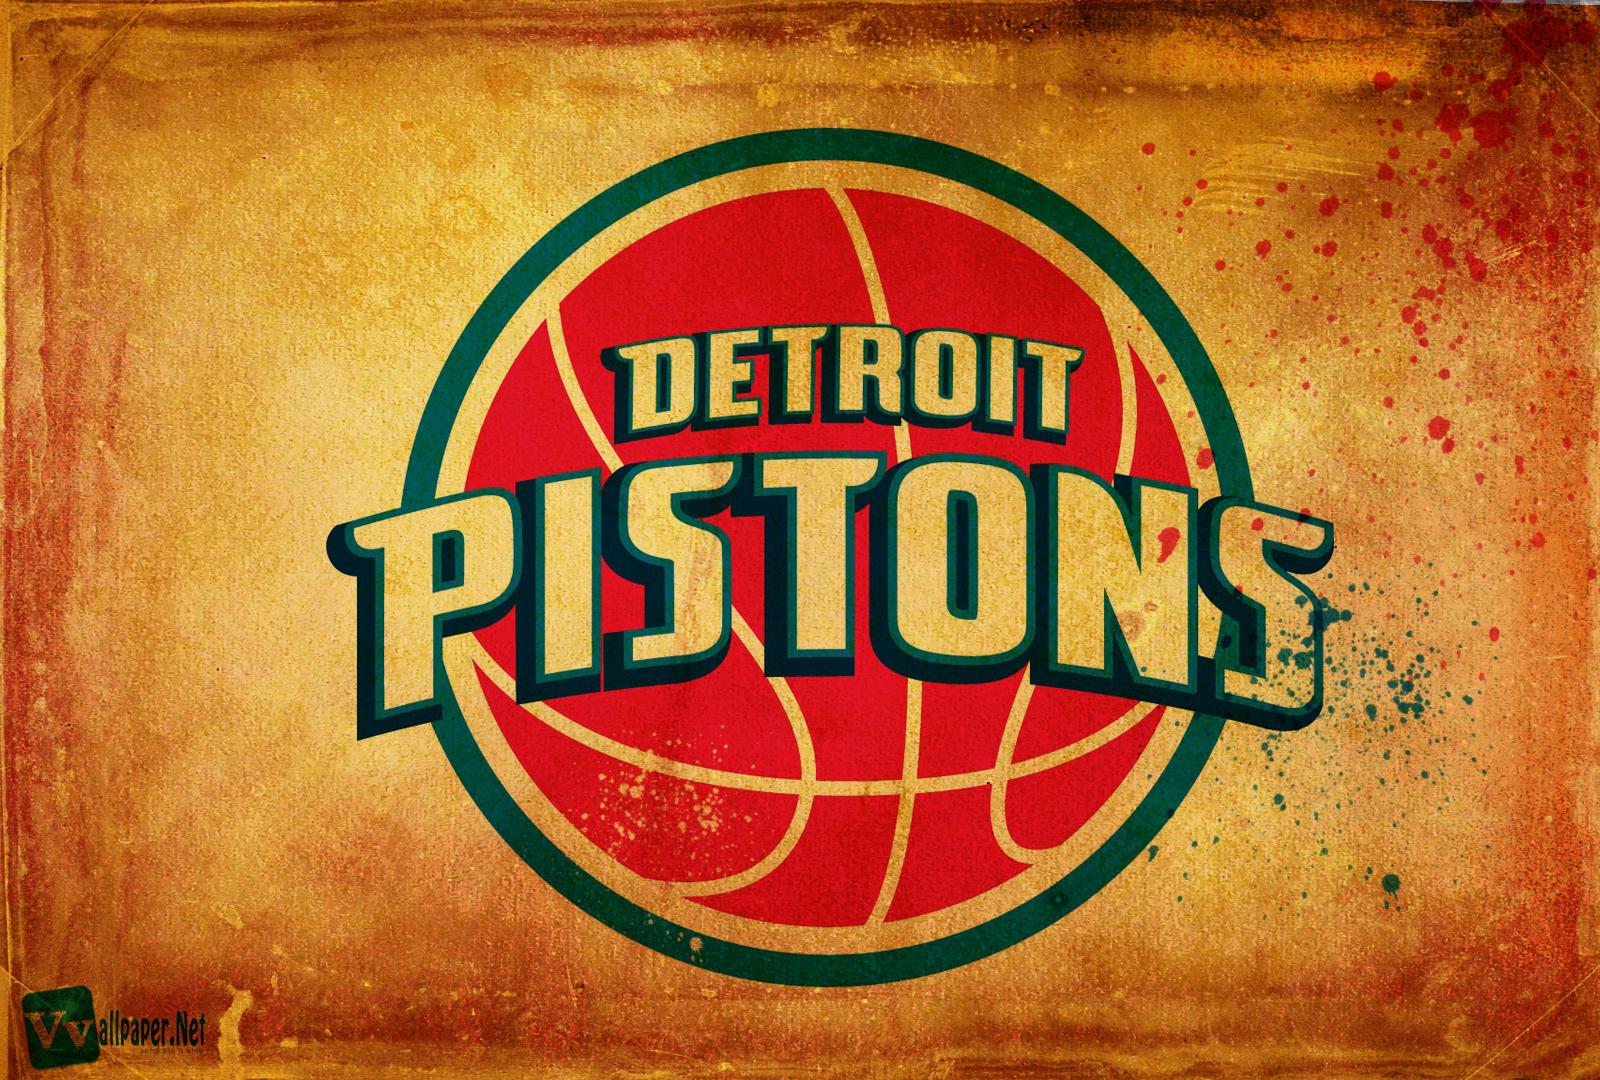 http://3.bp.blogspot.com/-howw_45n7oc/TygtAwztpMI/AAAAAAAAAec/ZR5oXrlXdL0/s1600/Detroit_Pistons_Logo_Graphic_Design_HD_Wallpaper-Vvallpaper.Net.jpg